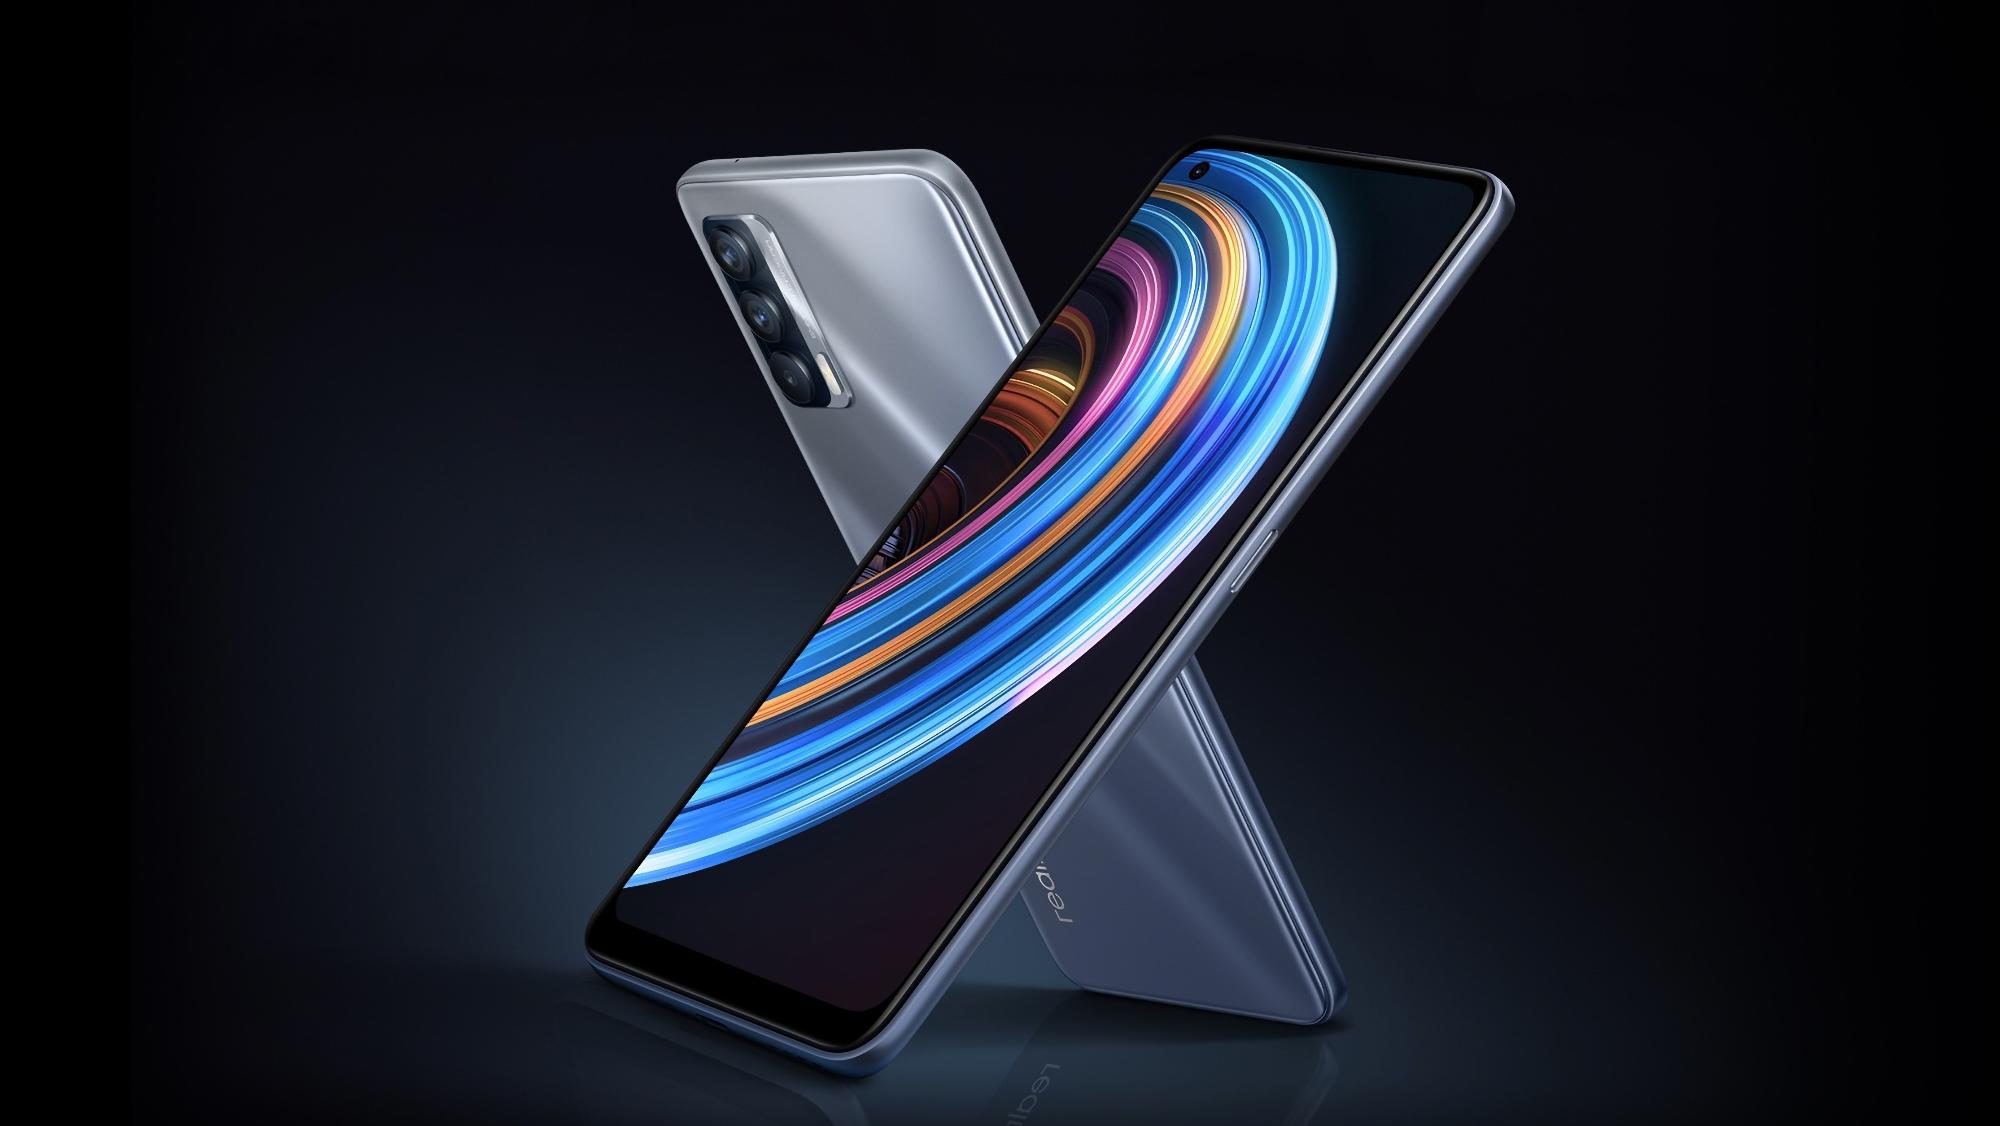 Realme X7 дебютировал на глобальном рынке: копия Realme V15 с чипом MediaTek Dimensity 800U и 50-ваттной зарядкой по цене от $275